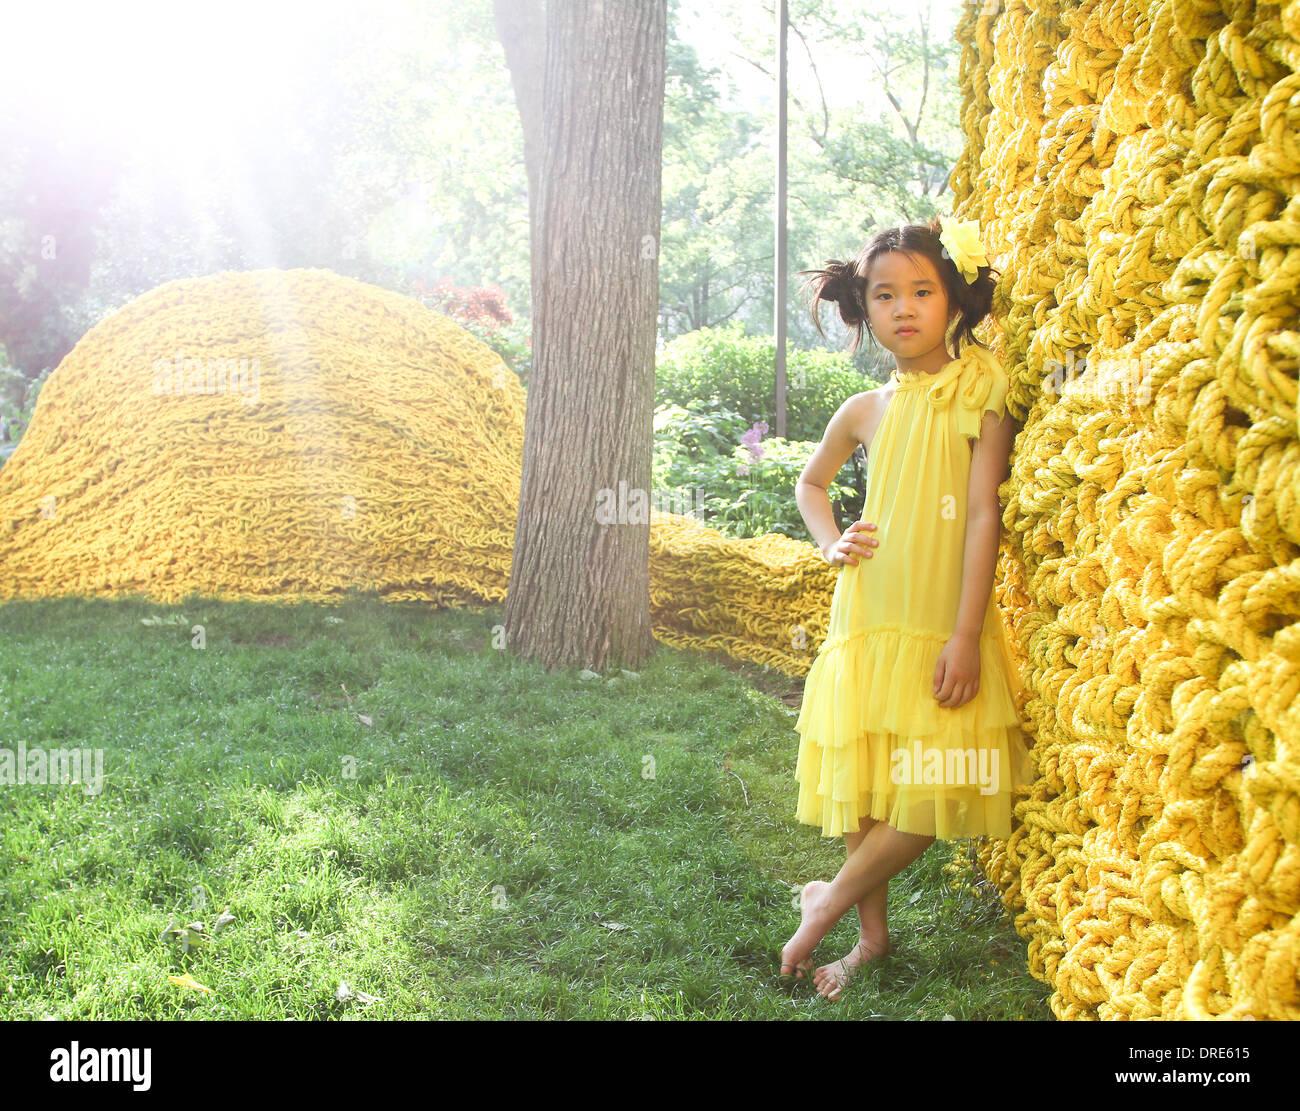 Joven asiática en vestido amarillo cerca de pared amarilla Imagen De Stock